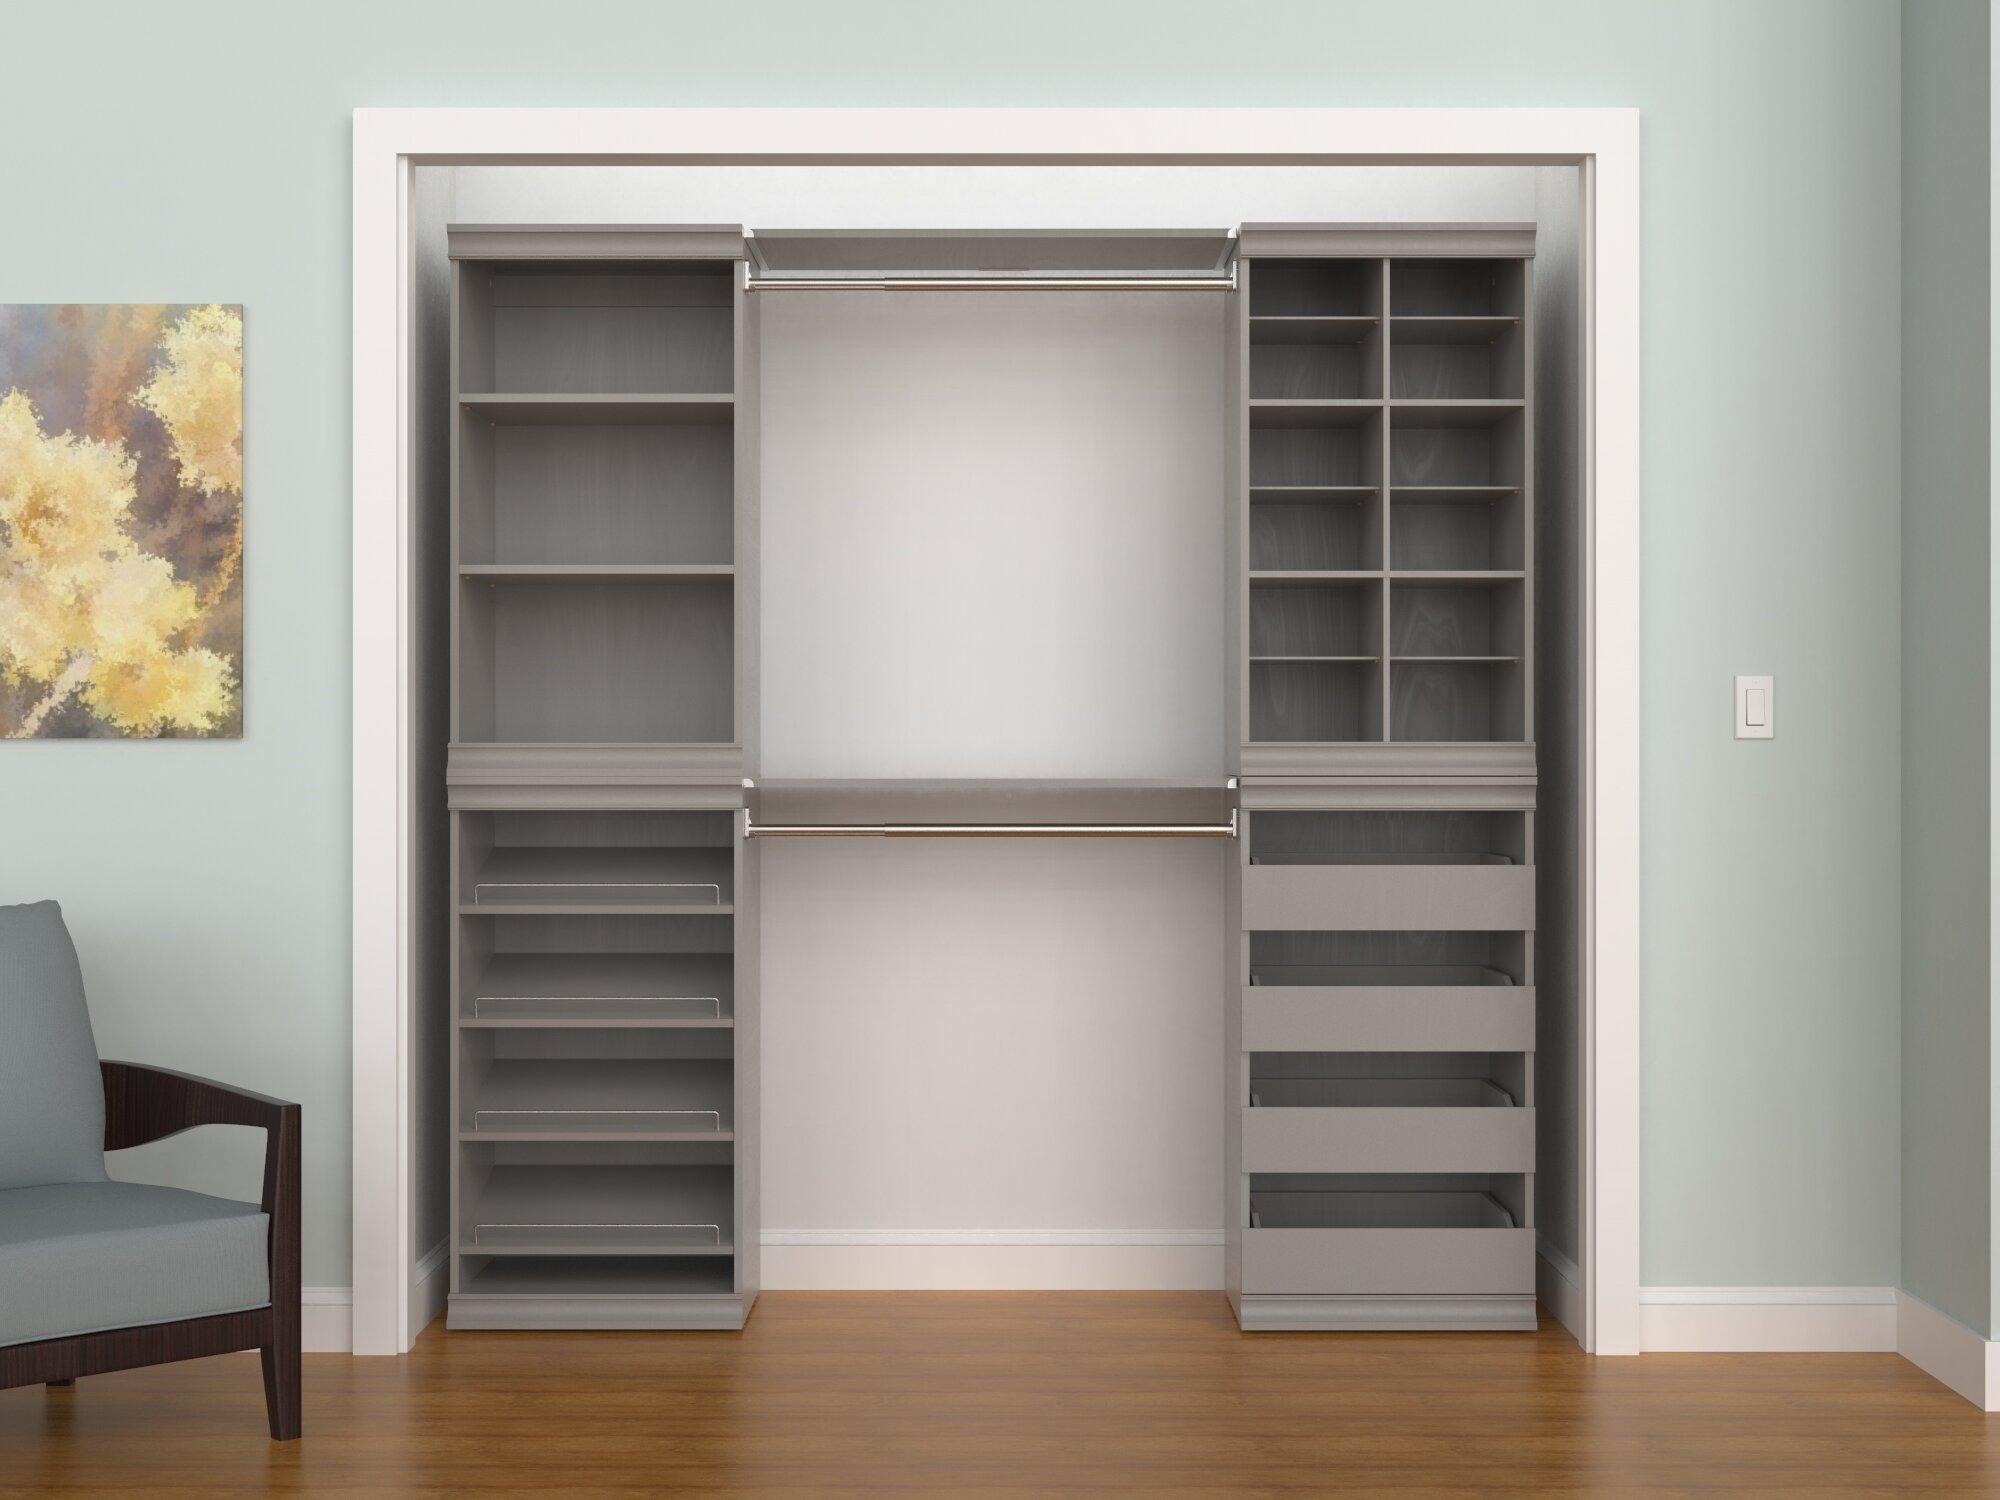 Modular Storage 68 76 W 90 76 W Closet System